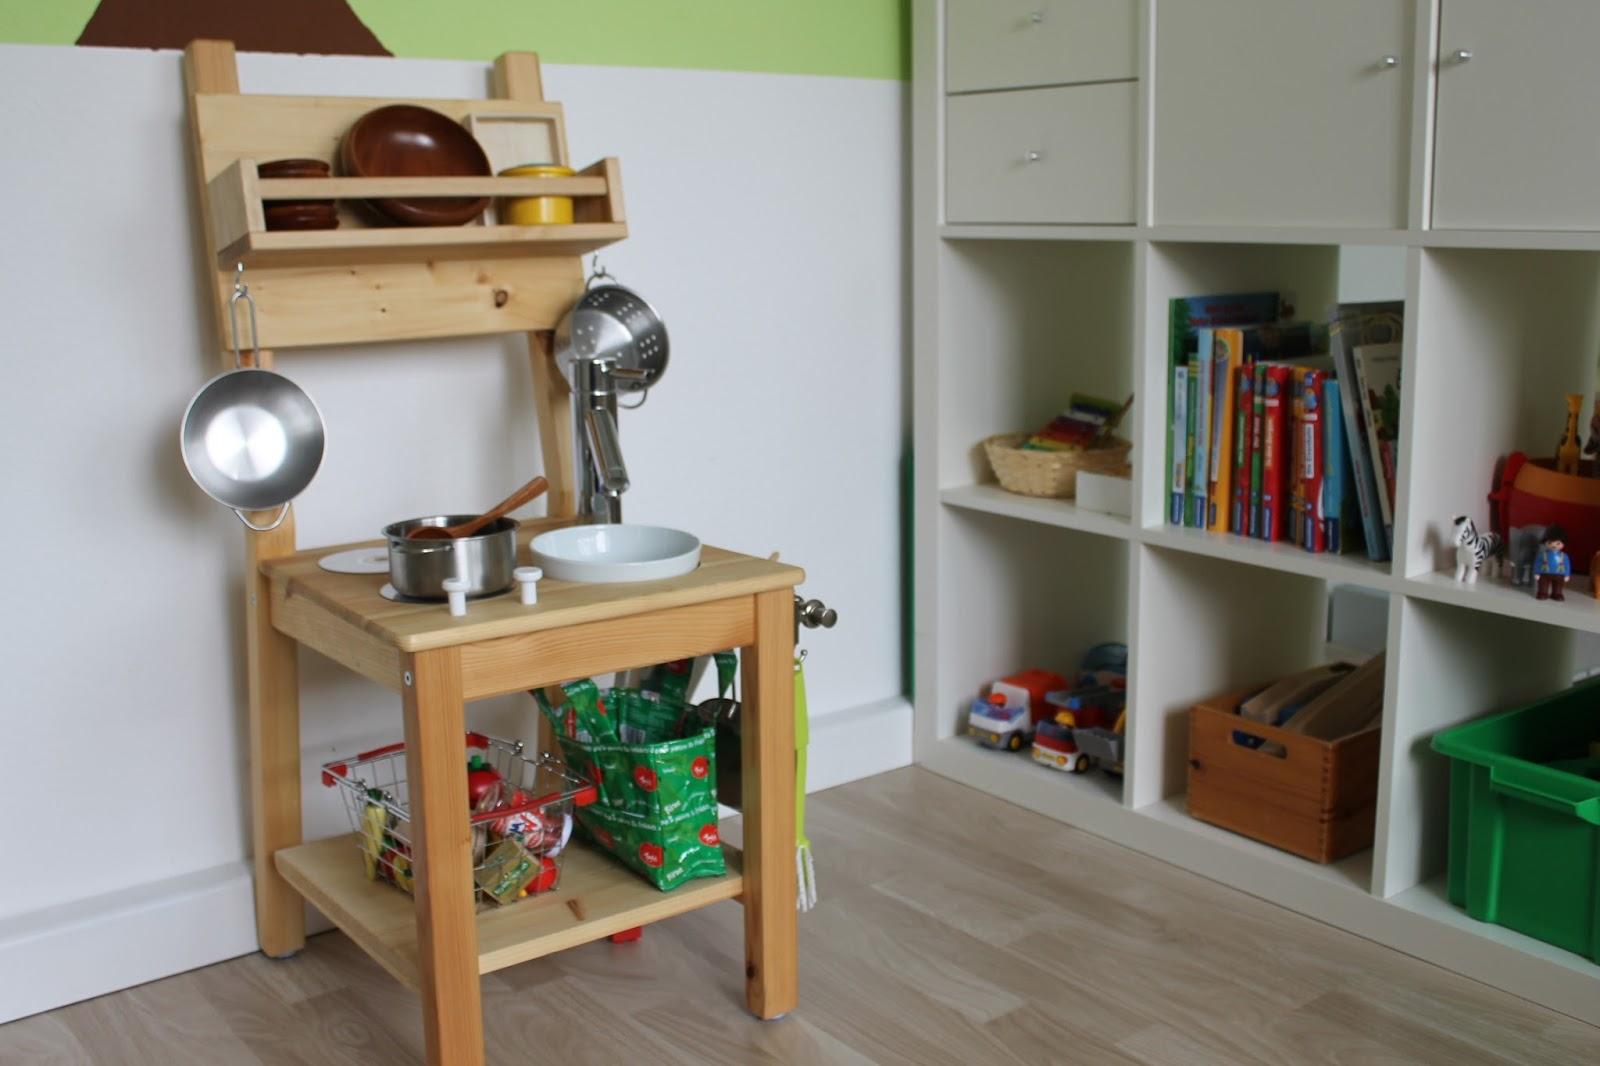 vom wiesengrund kinderk che selbst gebaut. Black Bedroom Furniture Sets. Home Design Ideas